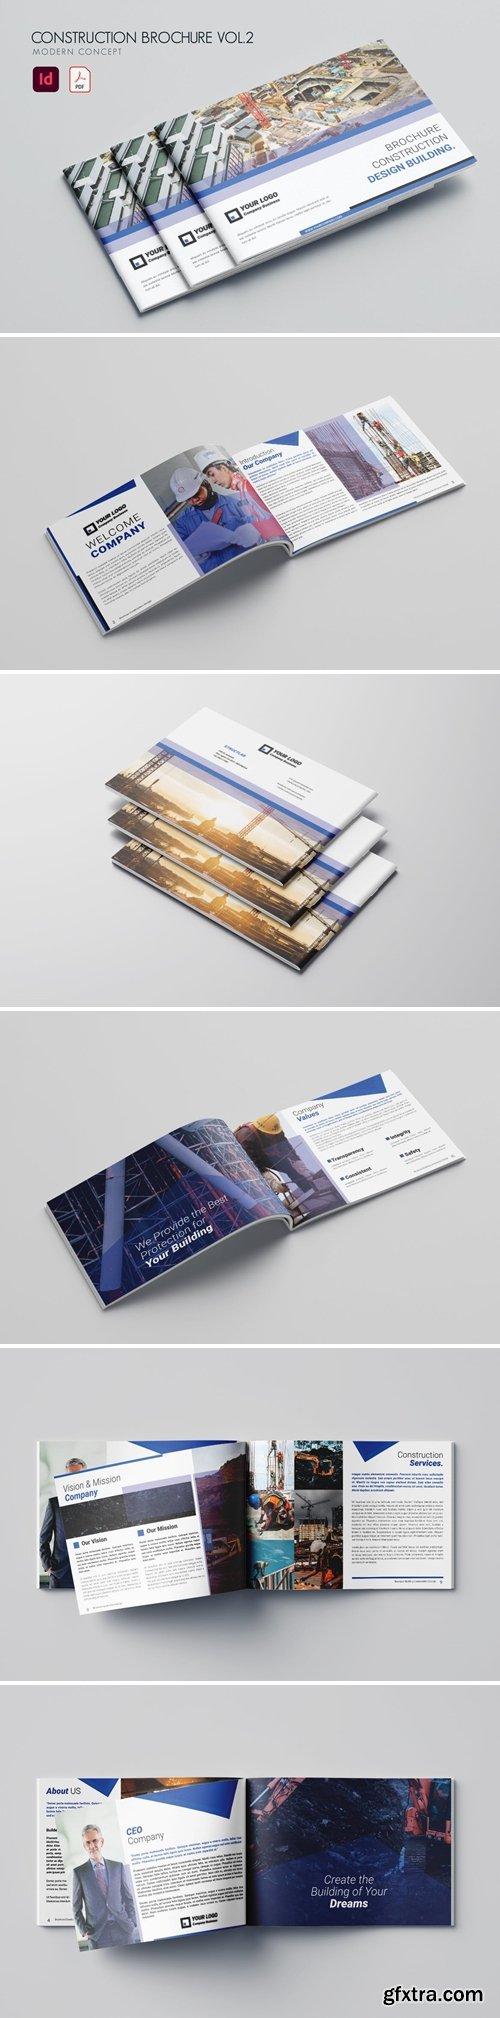 Construction Brochure Vol.2